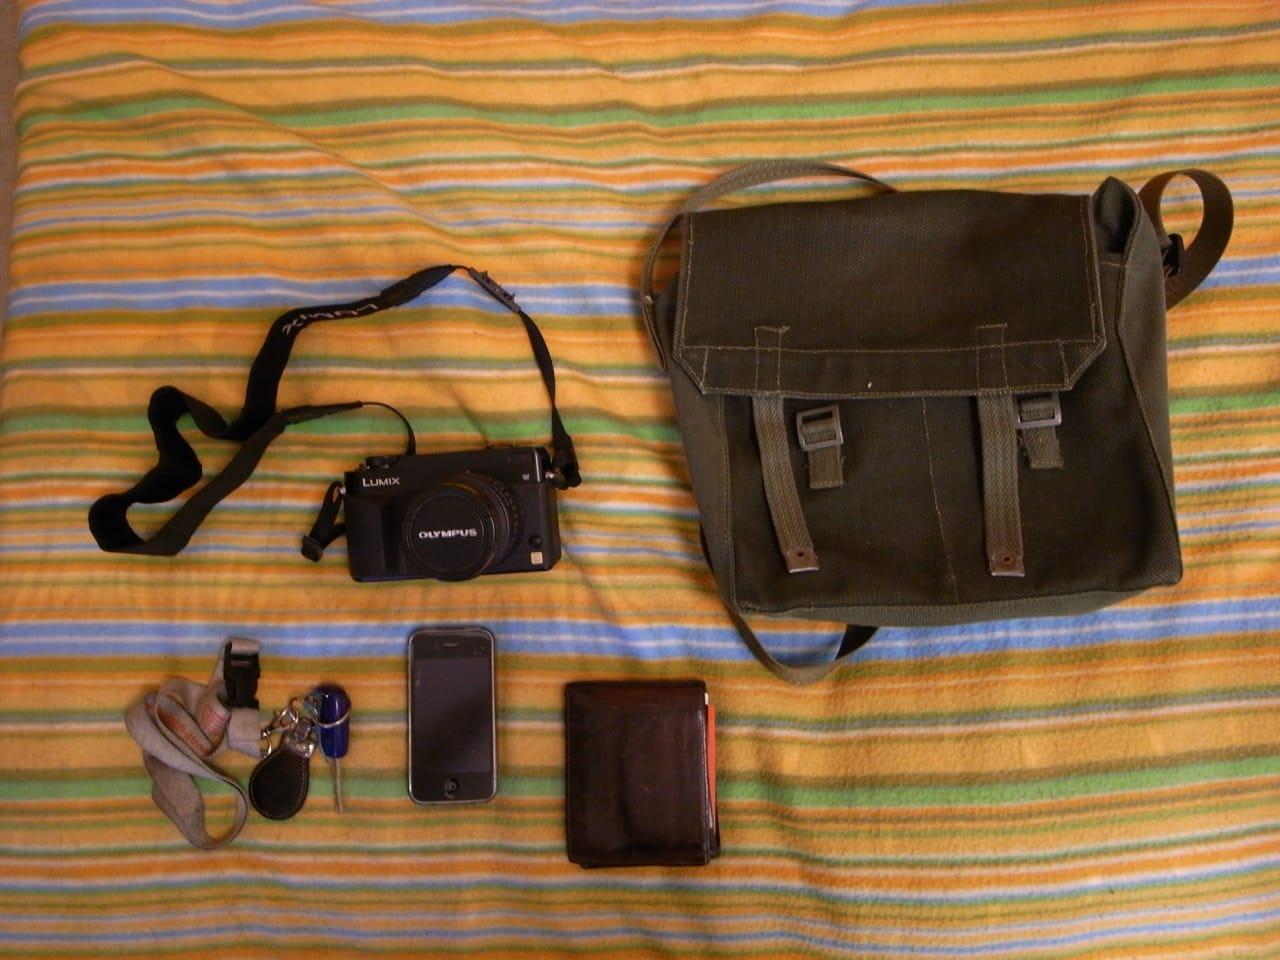 Nuno Brandao's camera bag